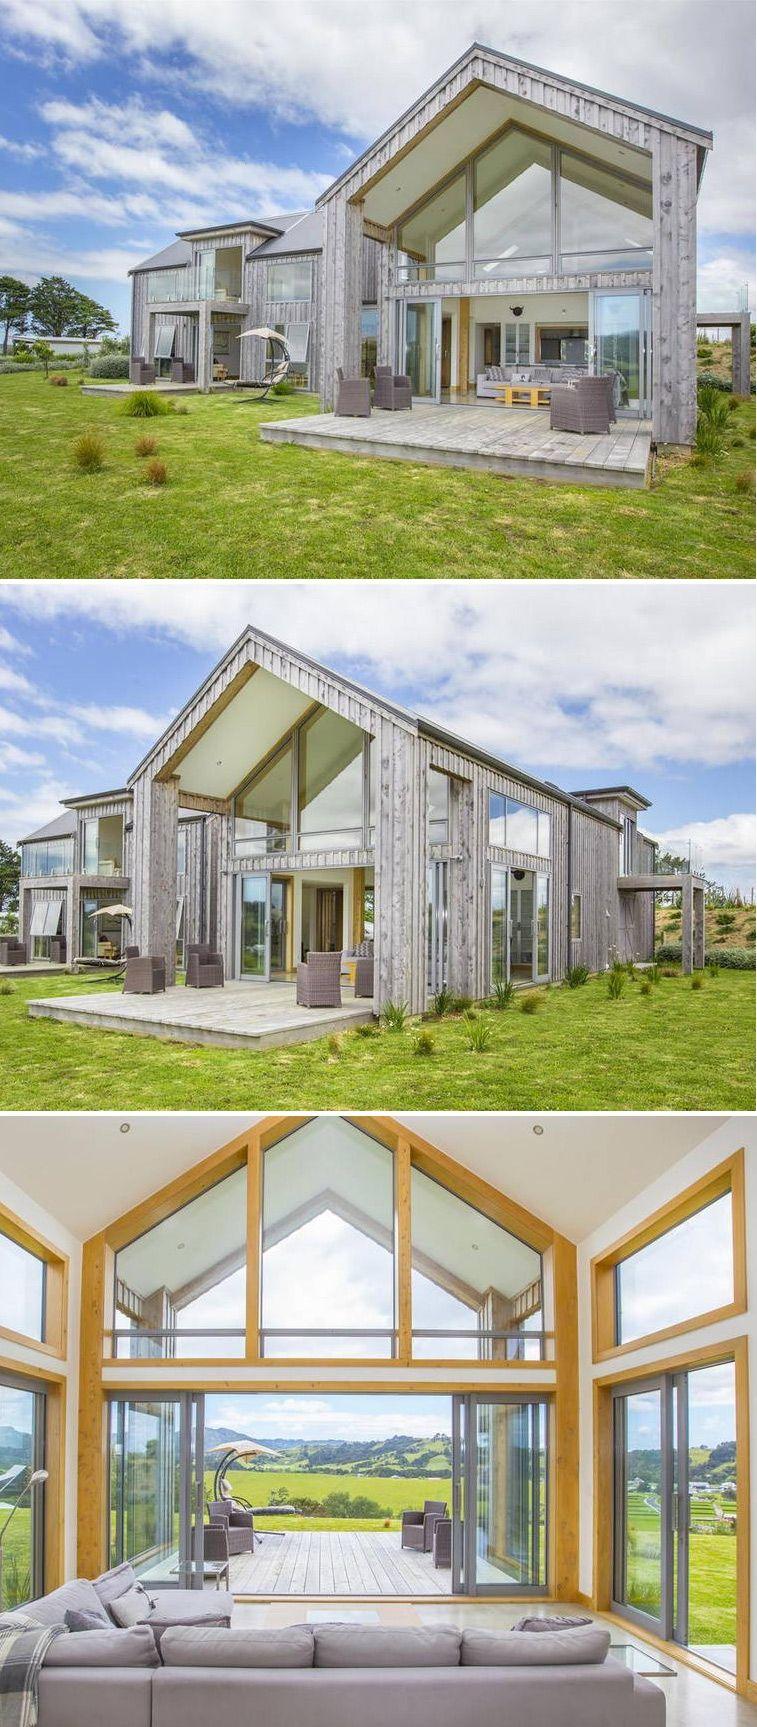 Captivating Architektur, Zuhause, Daheim, Zu Hause